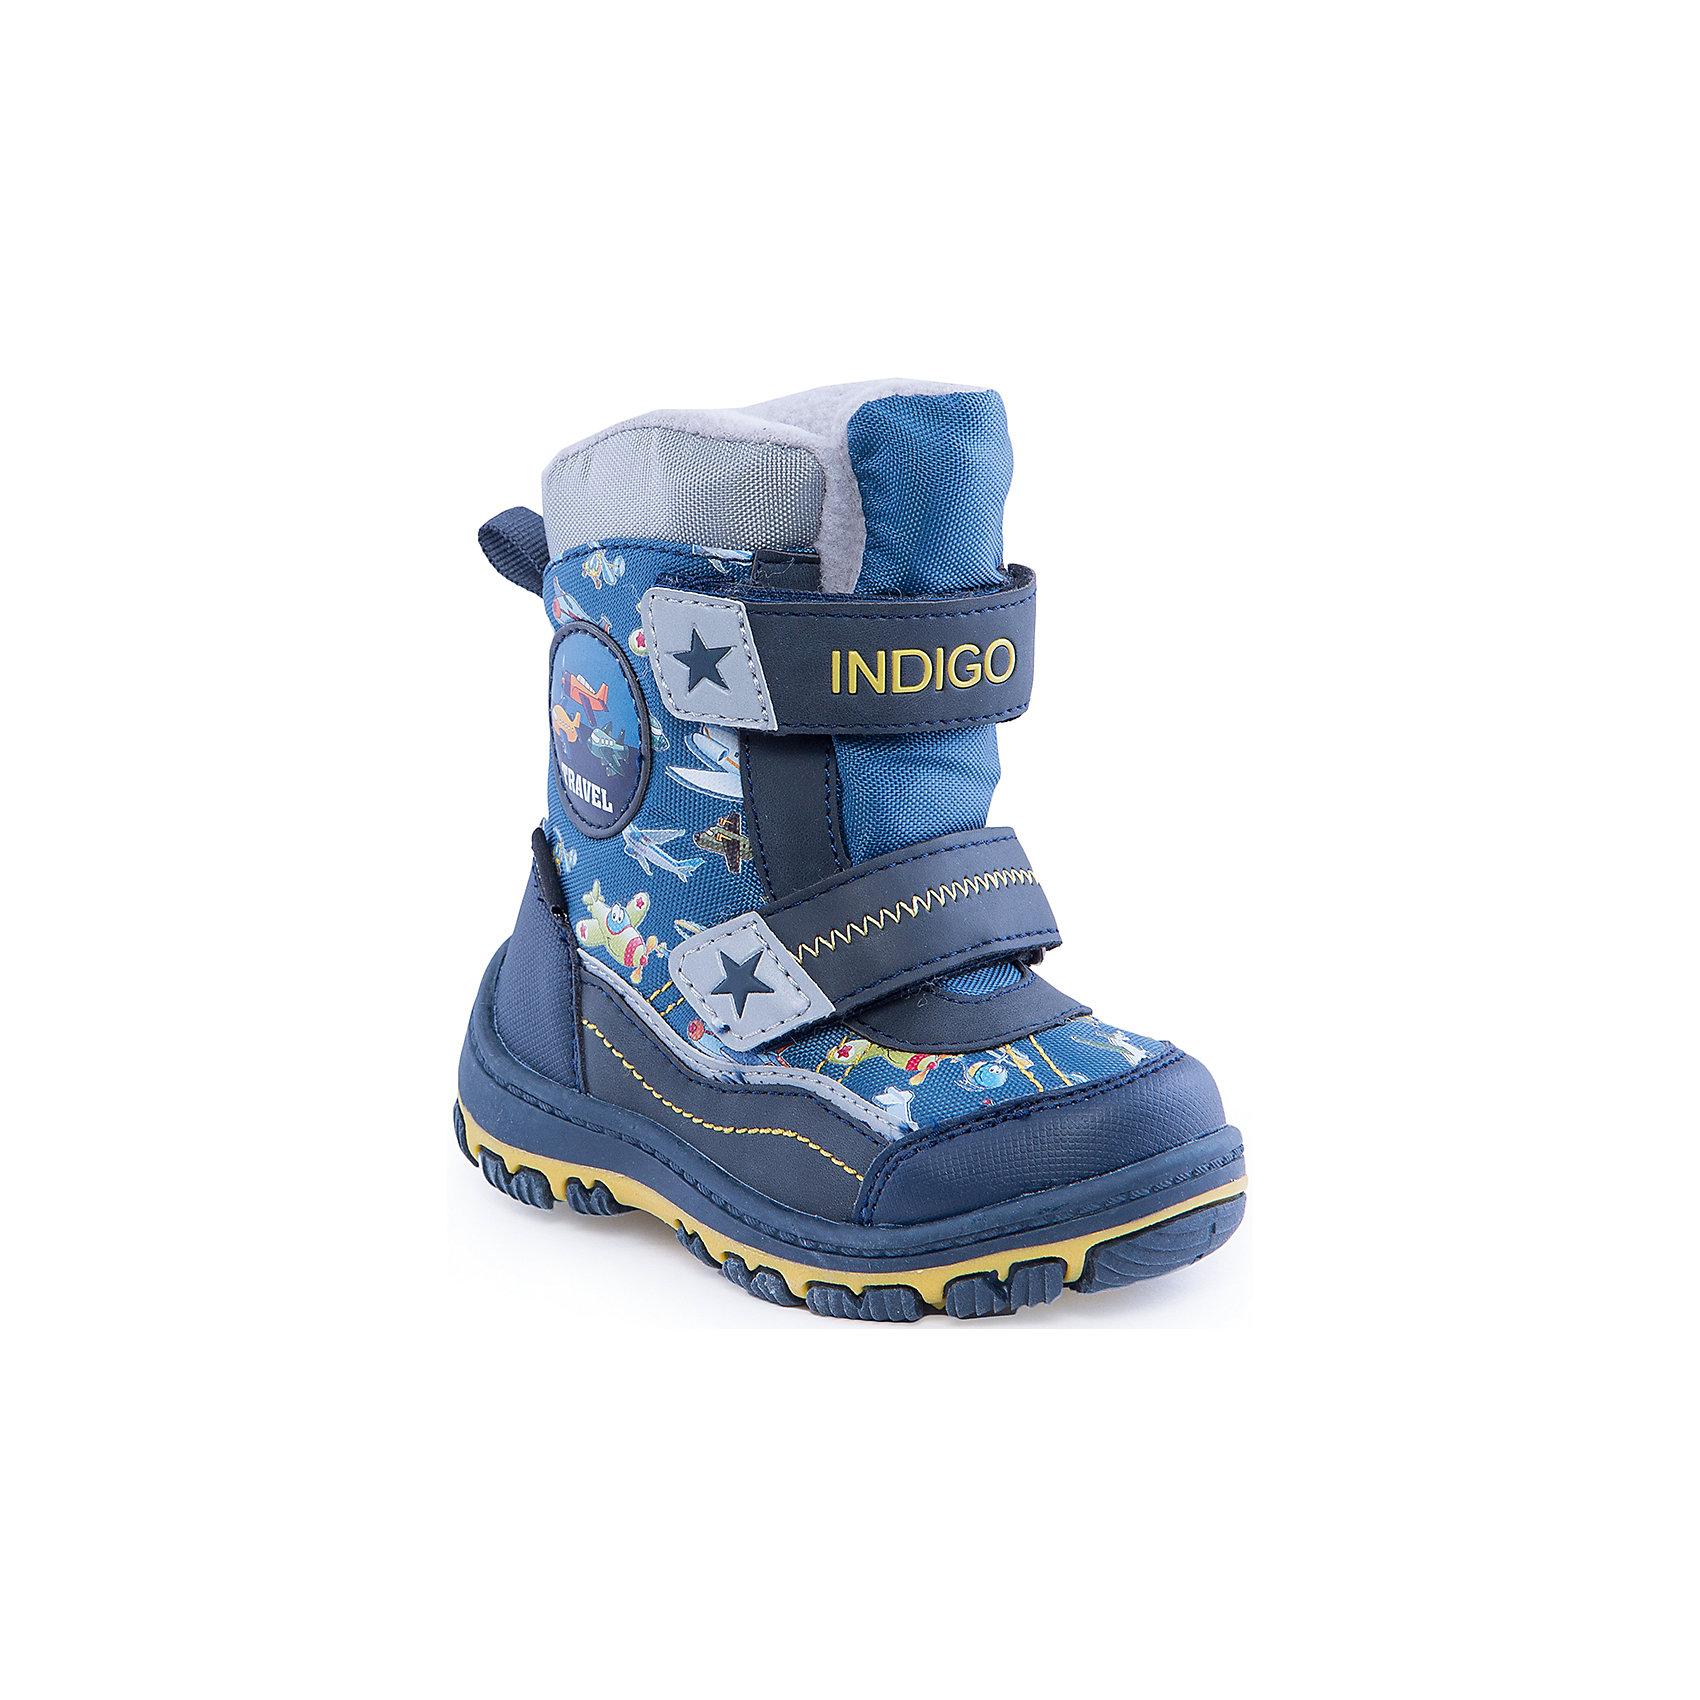 Ботинки для мальчика Indigo kidsБотинки<br>Сапоги для мальчика от известного  бренда Indigo kids<br><br>Модные и удобные сапоги помогут защитить детские ножки от сырости и холода. Они легко надеваются, комфортно садятся по ноге. <br>Сапоги сделаны с применением технологии INDIGO TEX – это мембранный материал, выводящий влагу из обуви наружу, но не позволяющий сырости проникать внутрь.<br><br>Особенности модели:<br><br>- цвет - синий;<br>- стильный дизайн;<br>- защита пятки и пальцев;<br>- удобная колодка;<br>- подкладка шерстяная;<br>- вставка с тематическим изображением самолеты;<br>- мембрана INDIGO TEX;<br>- устойчивая рифленая подошва;<br>- застежки - липучки.<br><br>Дополнительная информация:<br><br>Температурный режим:<br>от -15° С до +5° С<br><br>Состав:<br><br>верх – текстиль/искусственная кожа;<br>подкладка - шерсть;<br>подошва - полимер.<br><br>Сапоги для мальчика Indigo kids (Индиго Кидс) можно купить в нашем магазине.<br><br>Ширина мм: 257<br>Глубина мм: 180<br>Высота мм: 130<br>Вес г: 420<br>Цвет: синий<br>Возраст от месяцев: 15<br>Возраст до месяцев: 18<br>Пол: Мужской<br>Возраст: Детский<br>Размер: 22,23,24,27,26,25<br>SKU: 4340552